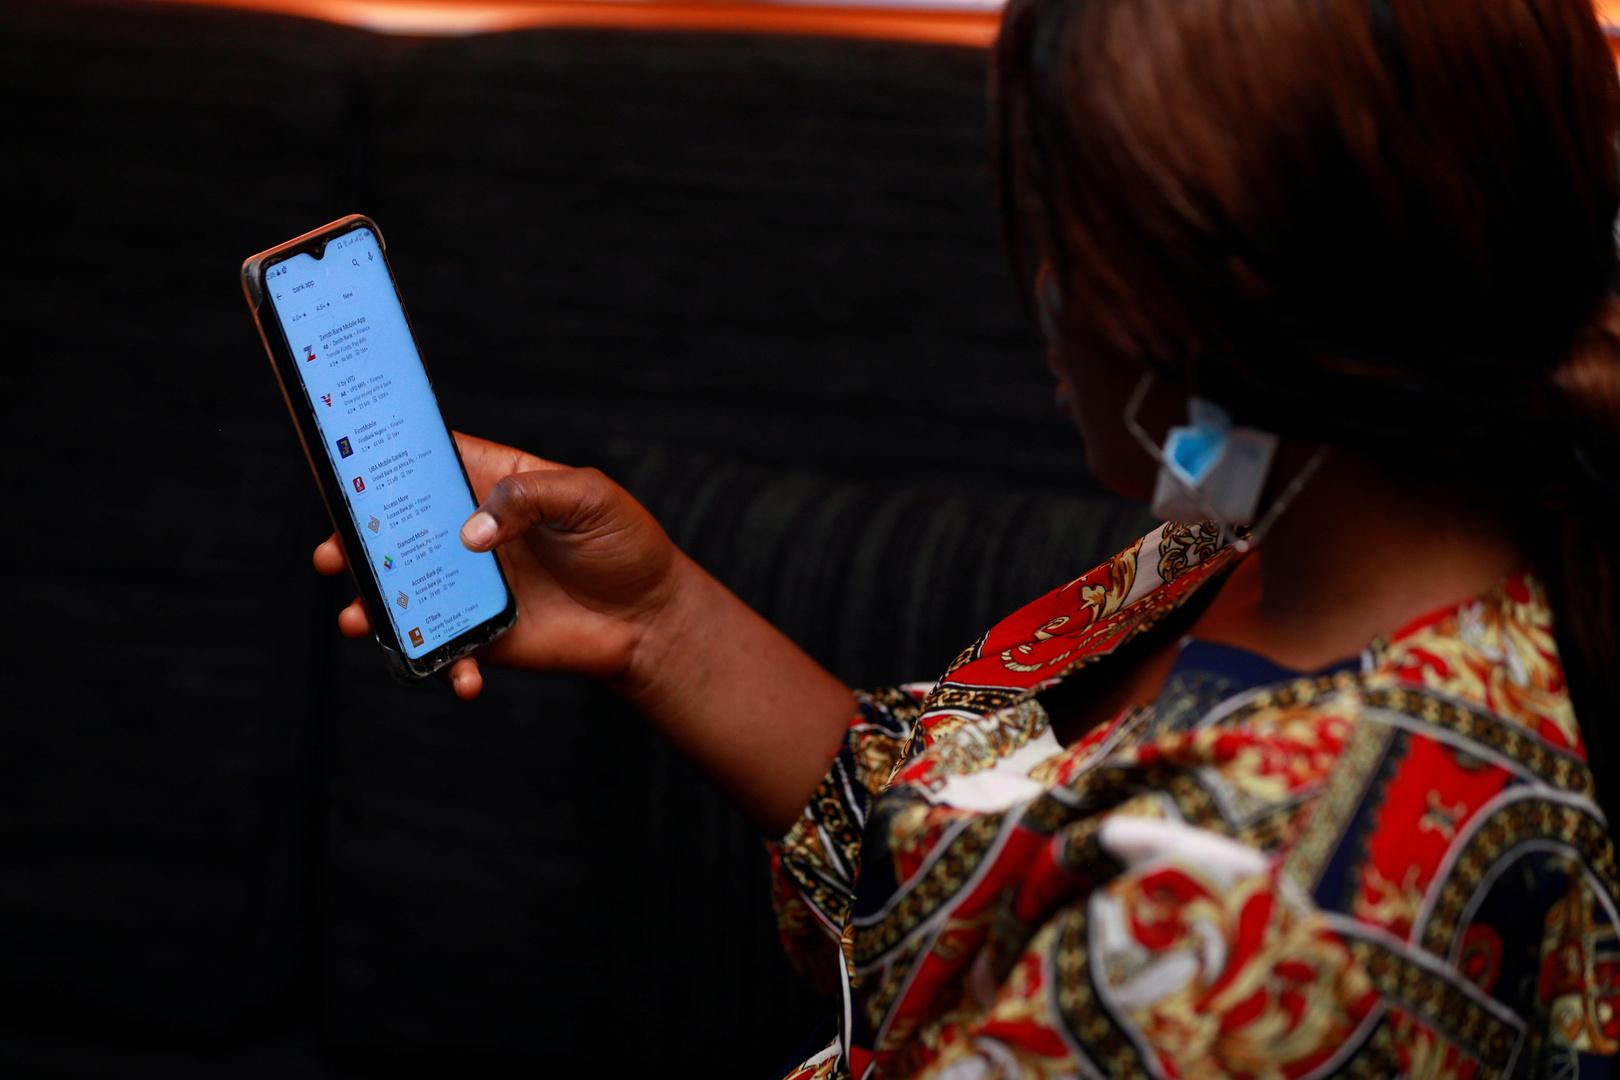 سكان العالم ينفقون 407 ملايين دولار على تطبيقات الهاتف في ليلة الميلاد